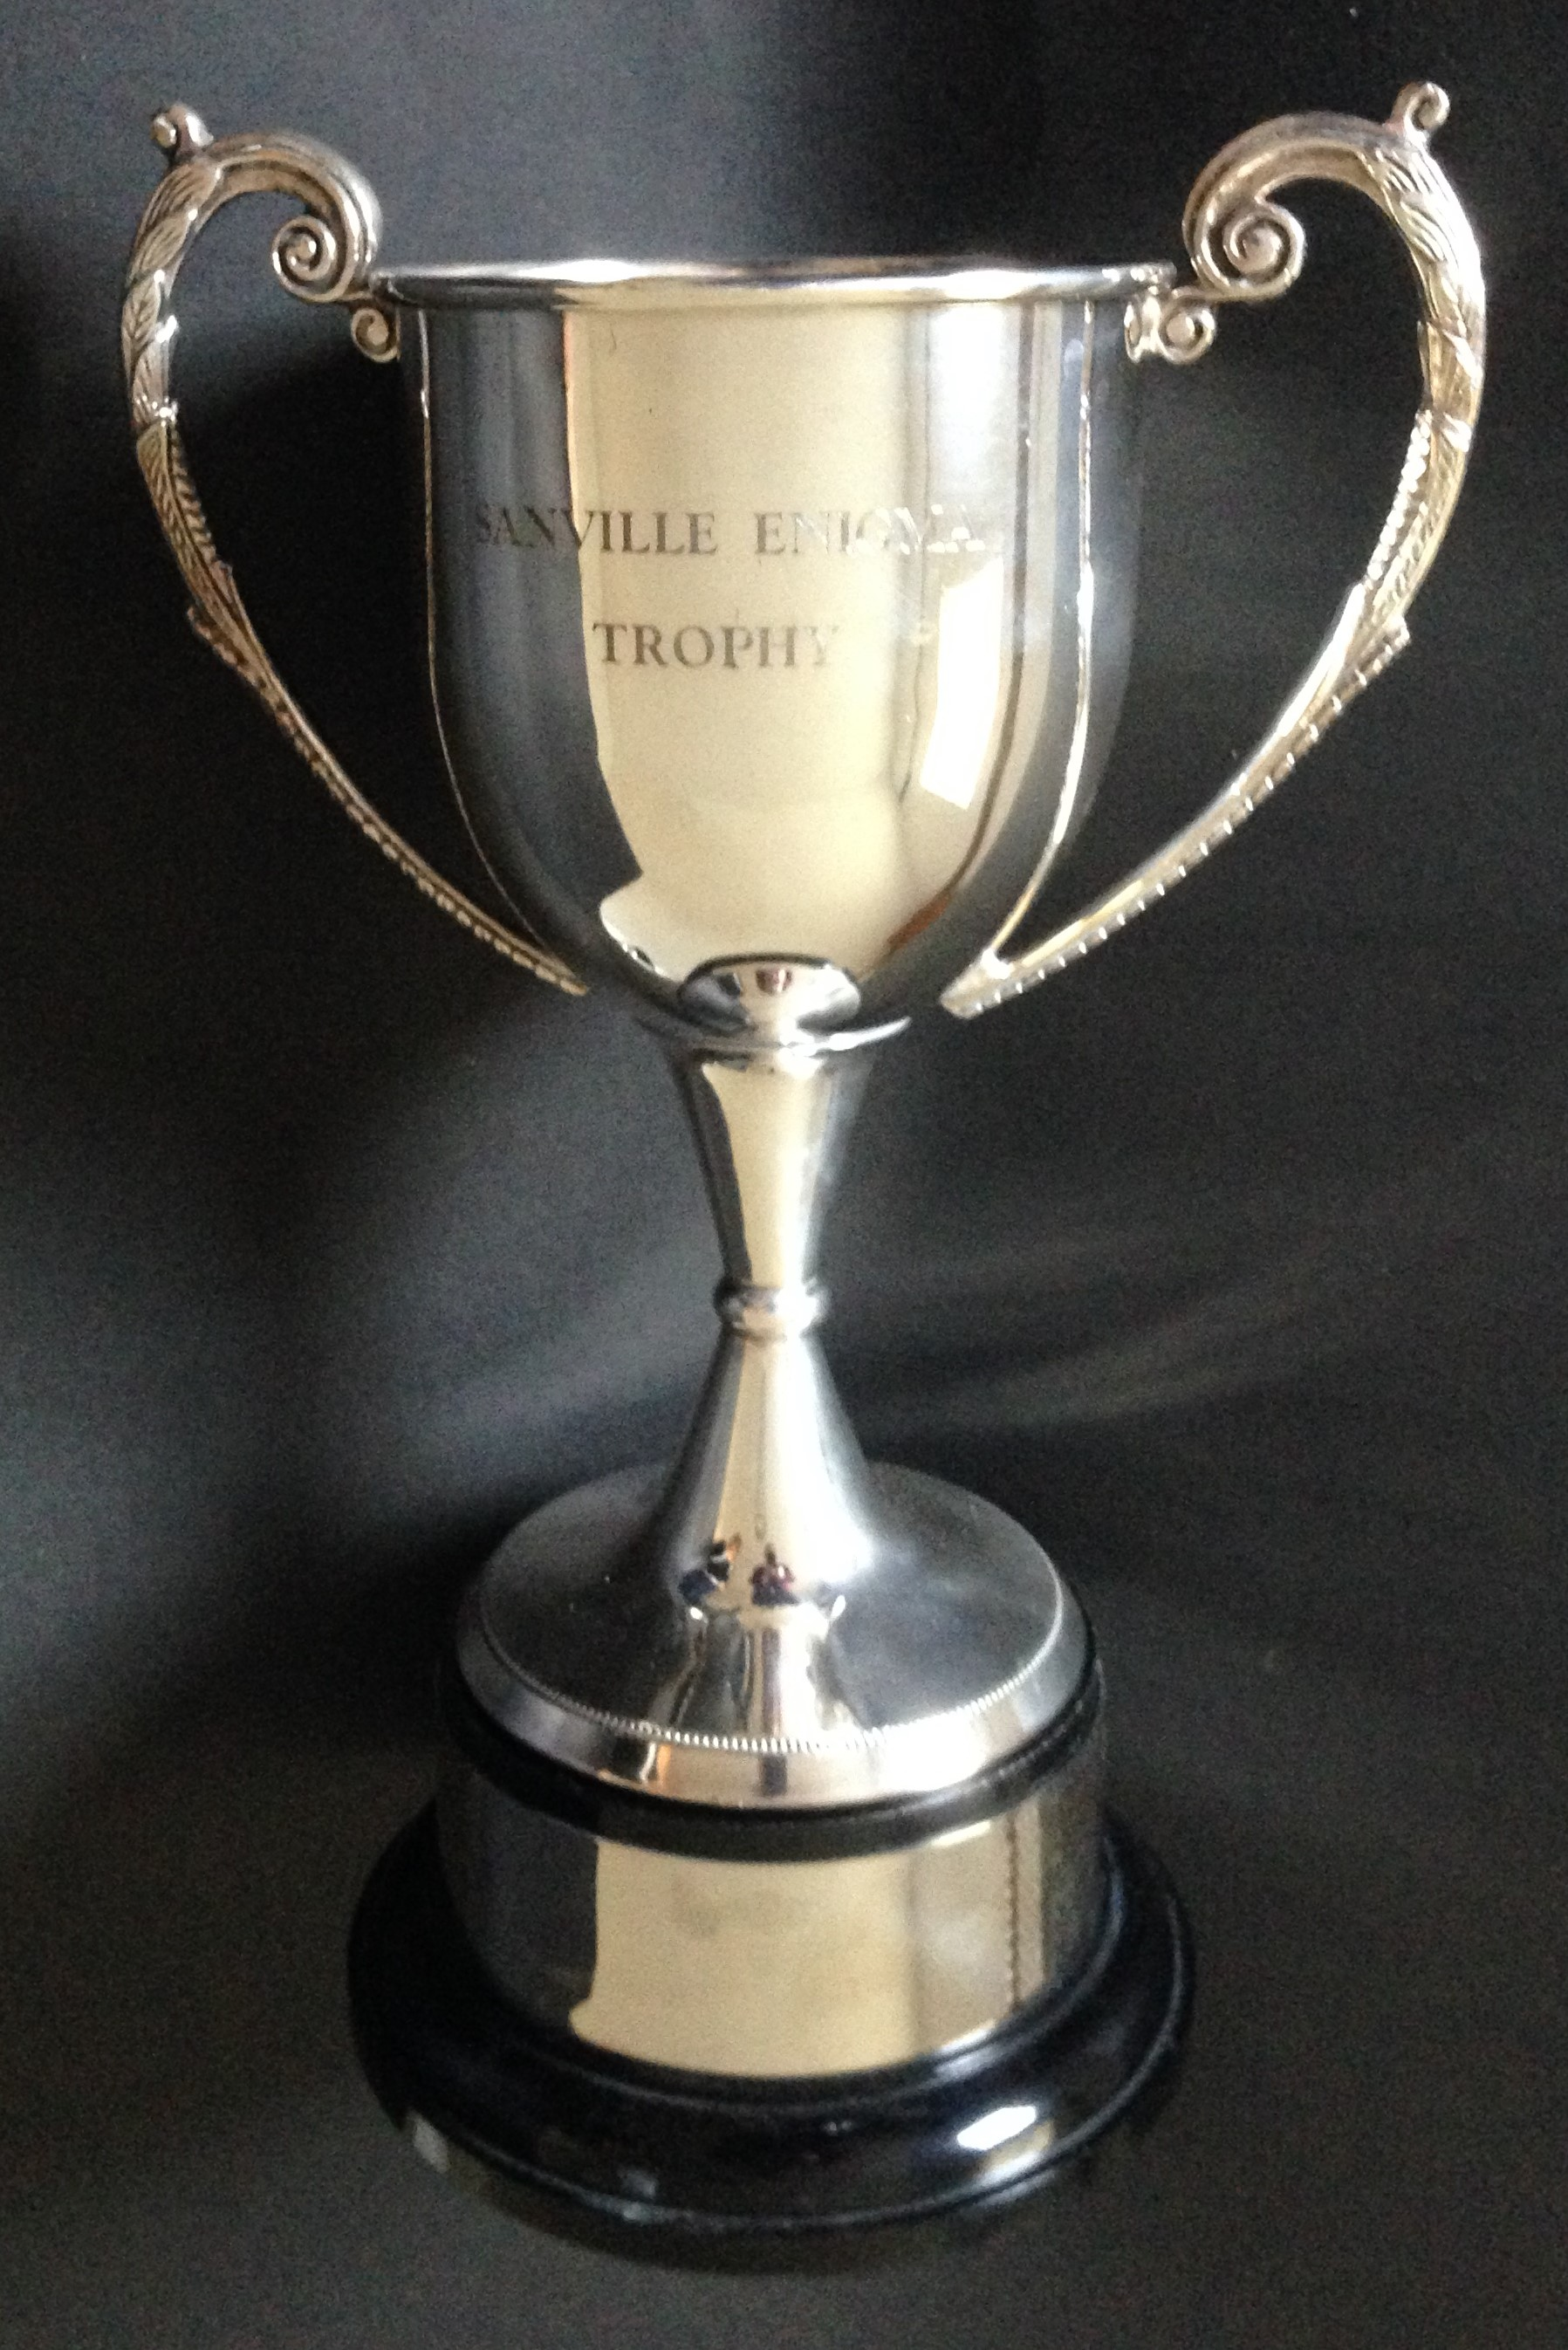 Sanville Enigma Trophy